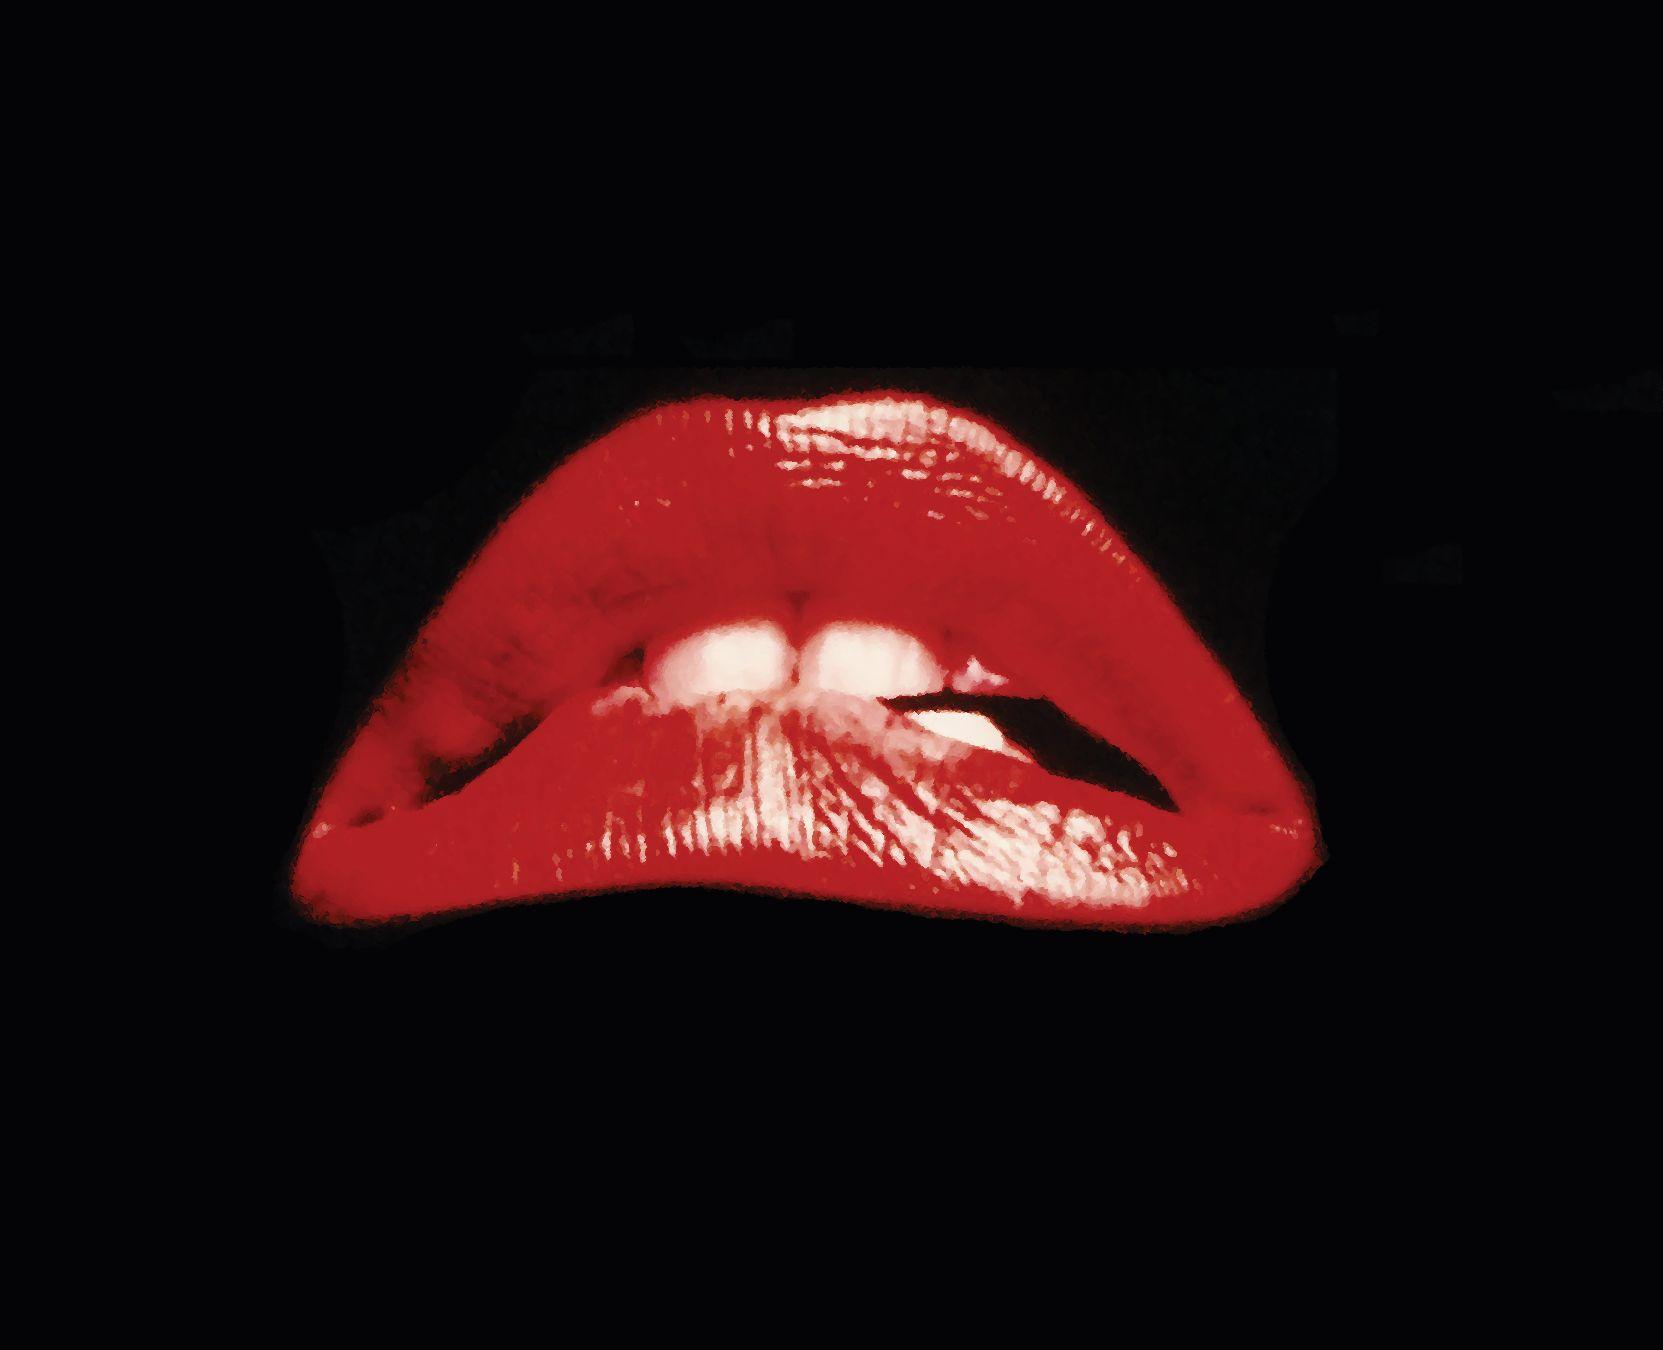 唇で触れる唇ほど柔らかいものはない